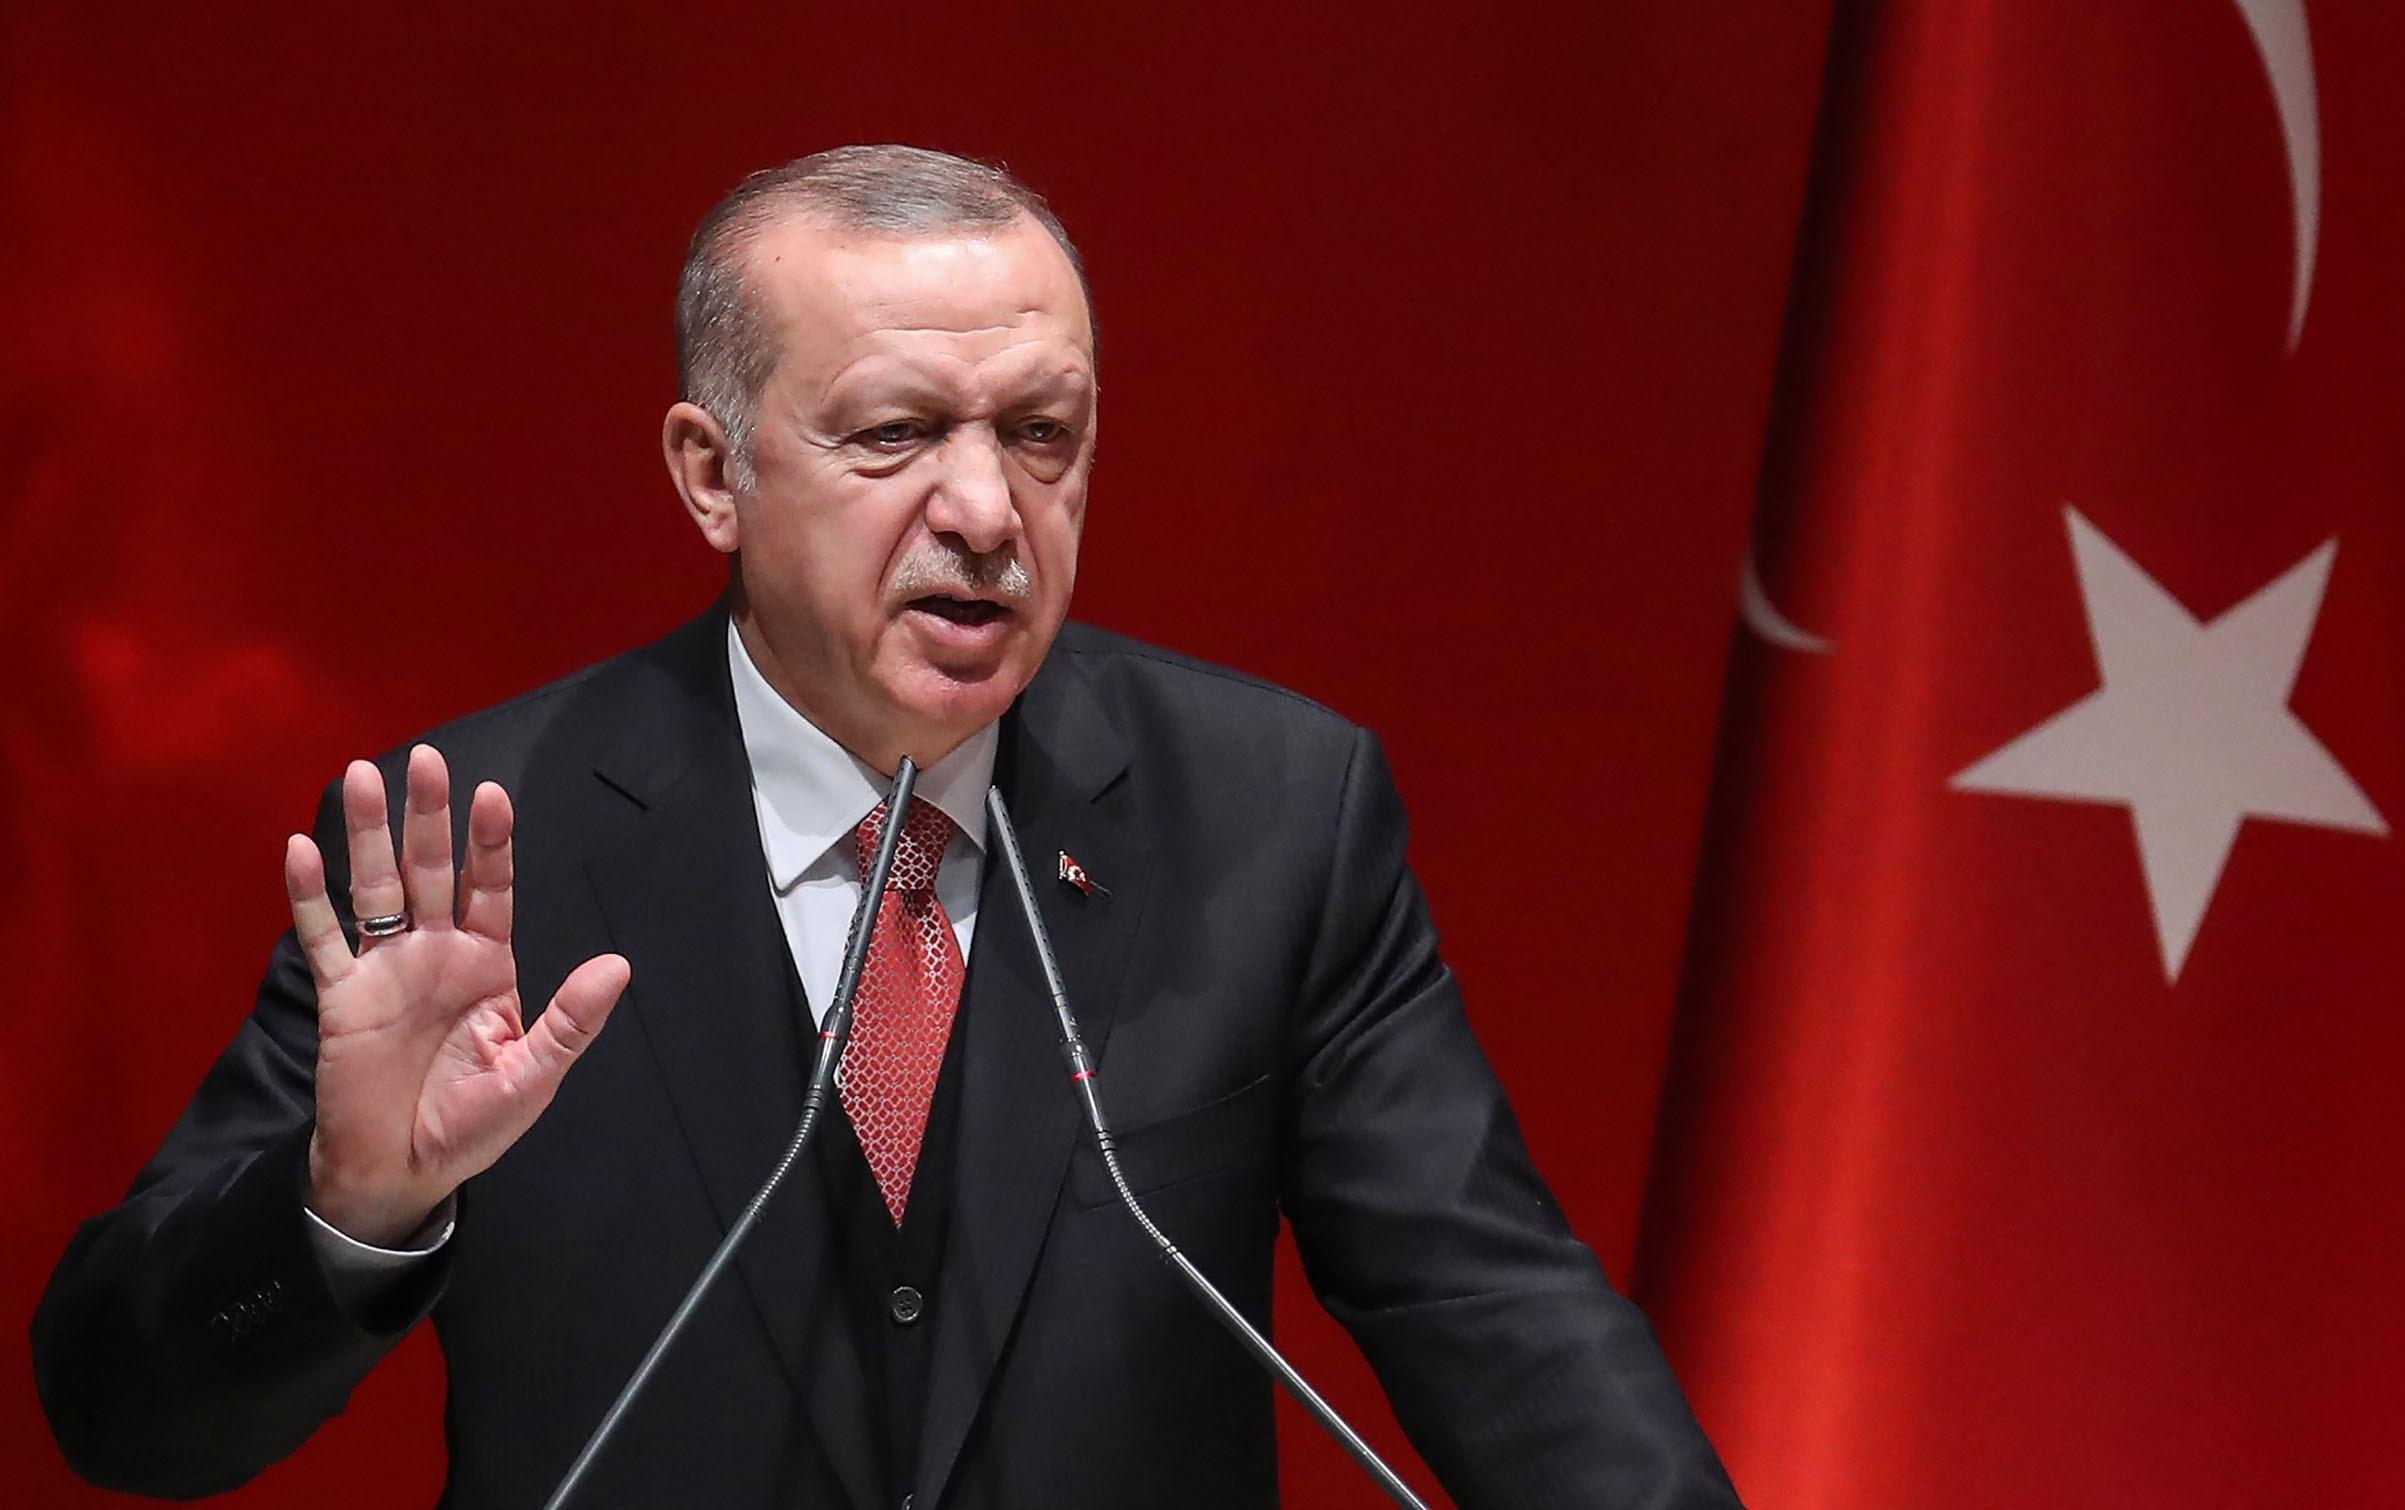 إردوغان: التطورات تظهر استبعاد حفتر من المعادلة السياسية الليبية